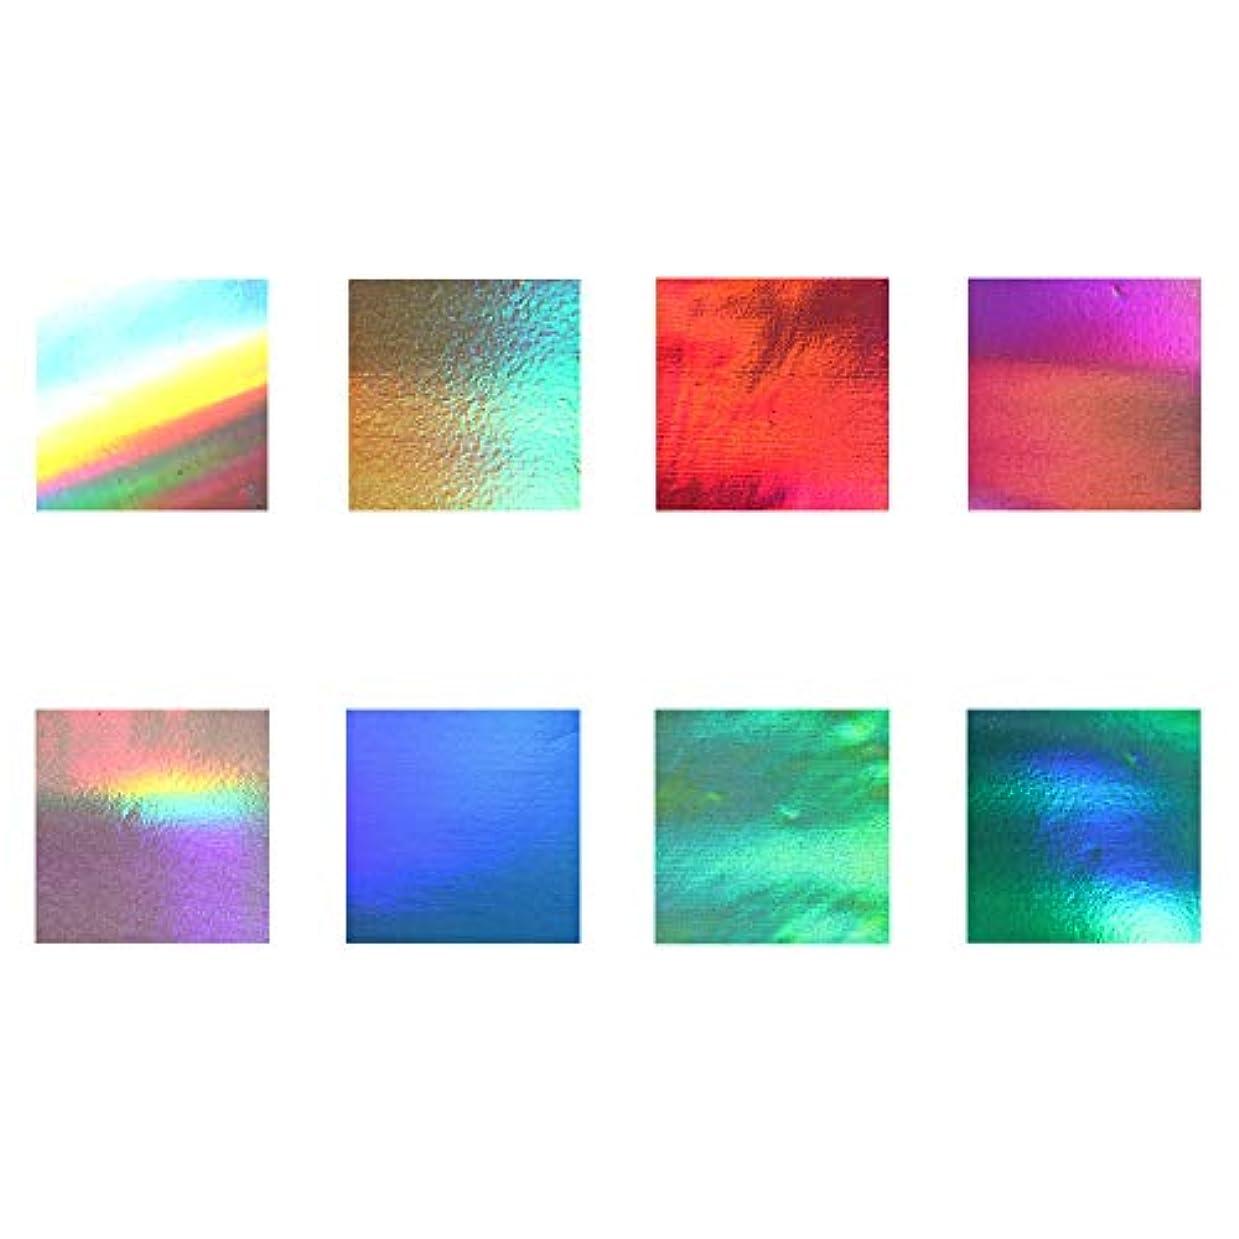 ユーモラス見積りオレンジネイルアート ネイルホイル -8色セット-【 ノーマル】ジェルネイル セルフネイル レジン マニキュア ネイルホイル 箔